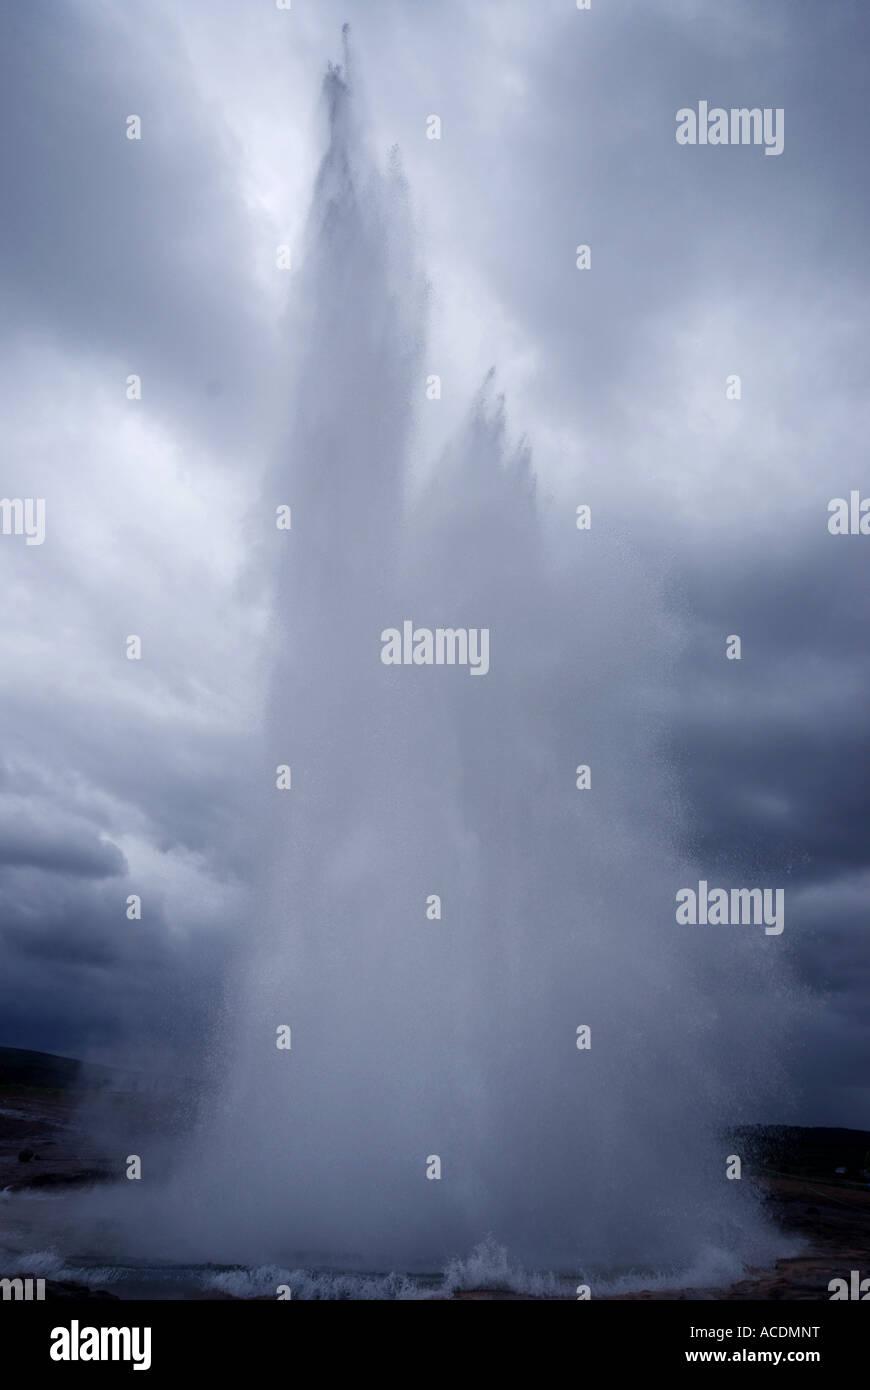 geysir geyser iceland natural phenomena - Stock Image